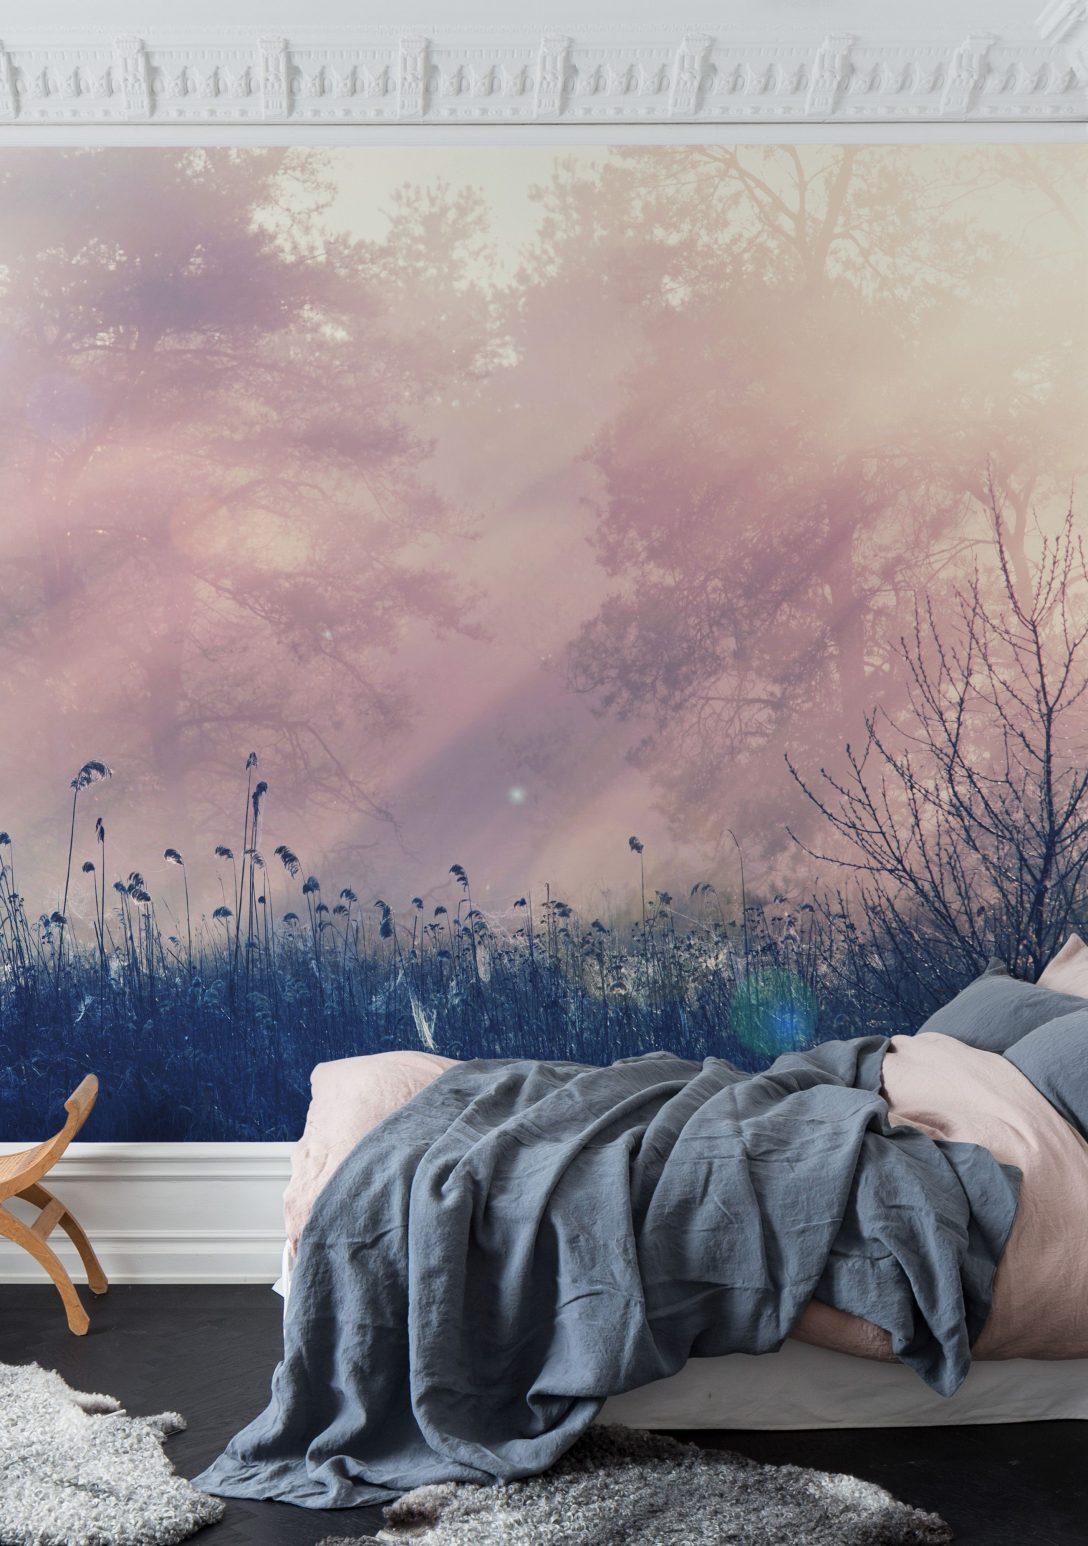 Large Size of Schlafzimmer Tapeten Pink Dawn In 2020 Tapete Für Küche Rauch Günstige Komplett Die Schrank Landhausstil Weiß Truhe Wiemann Deckenleuchten Stuhl Wandbilder Wohnzimmer Schlafzimmer Tapeten